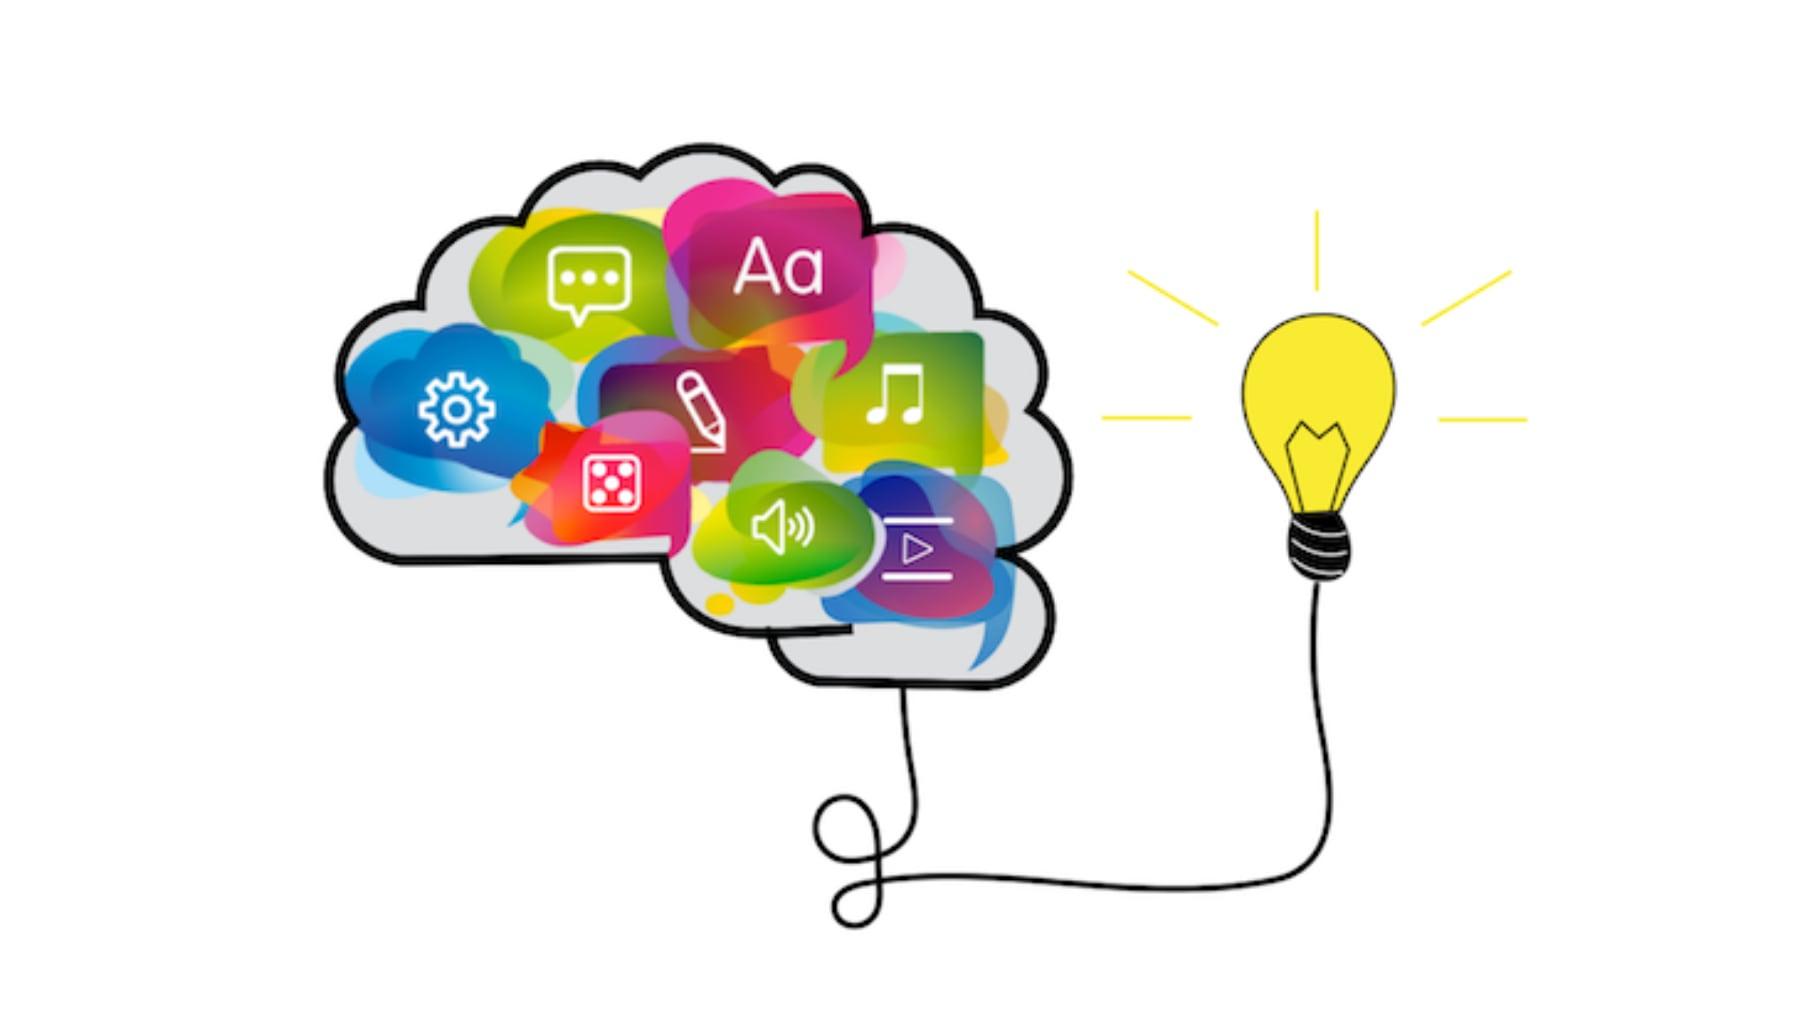 Hjerne Som Inneholder Fargede Ikoner For Medier - Linje Til Lyspære For